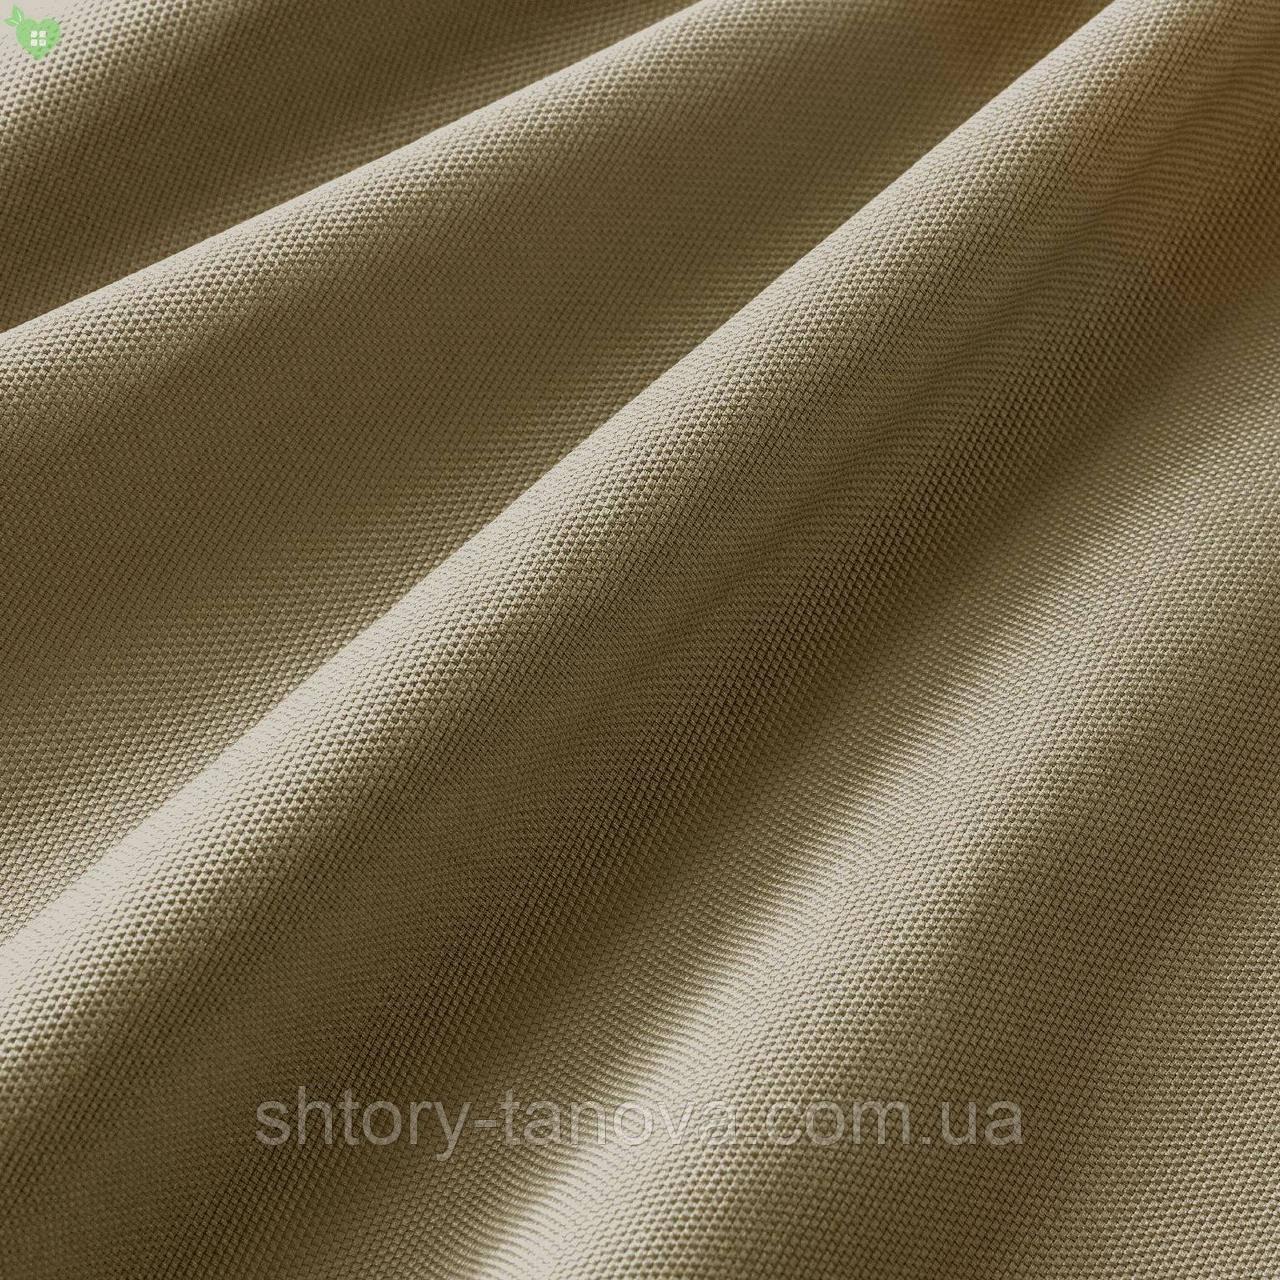 Уличная ткань фактурная коричневого цвета для садовой качели